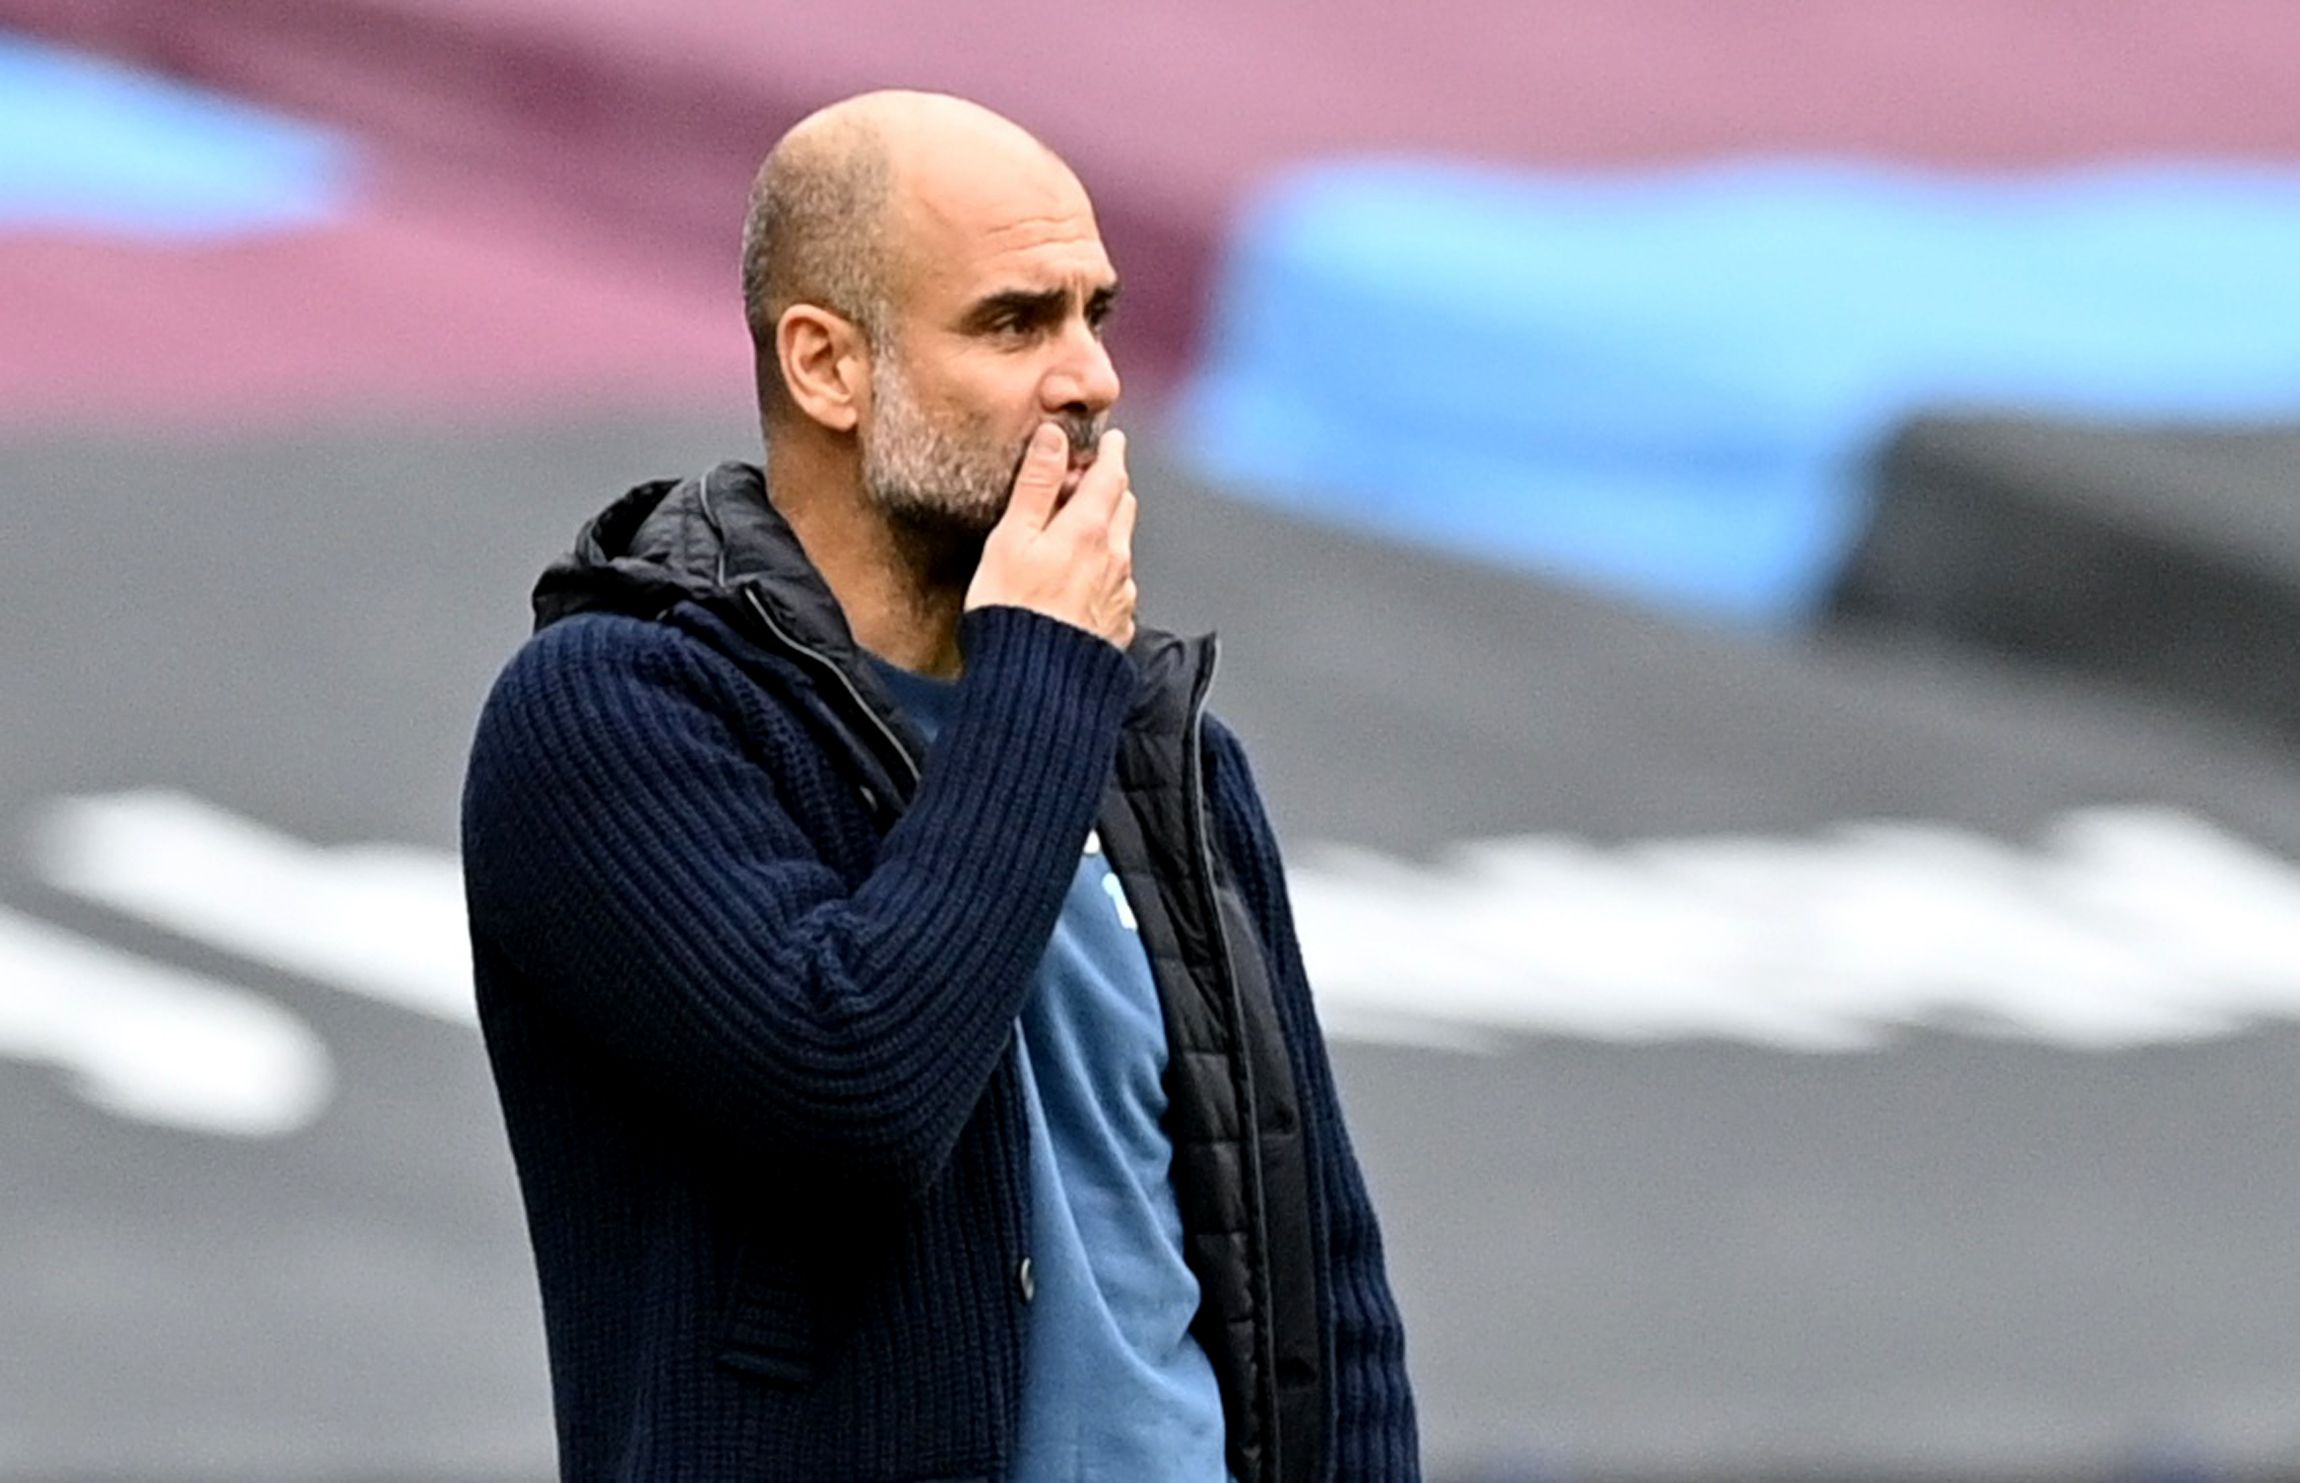 En enero Guardiola debe reunirse con la dirigencia para resolver su futuro (Reuters)